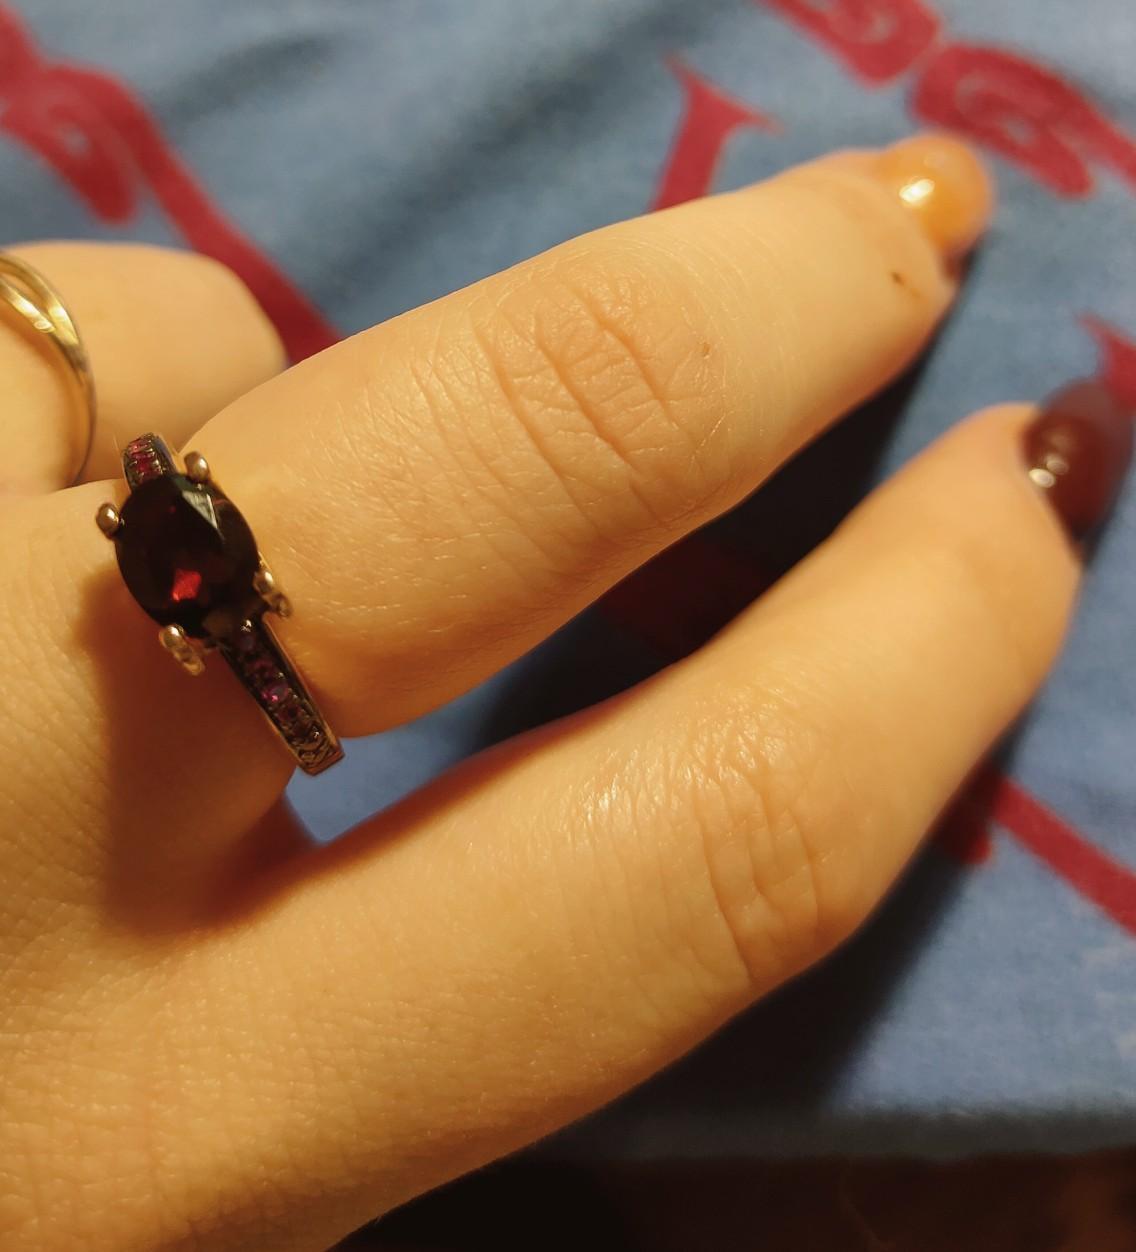 Купил кольцо любимой.